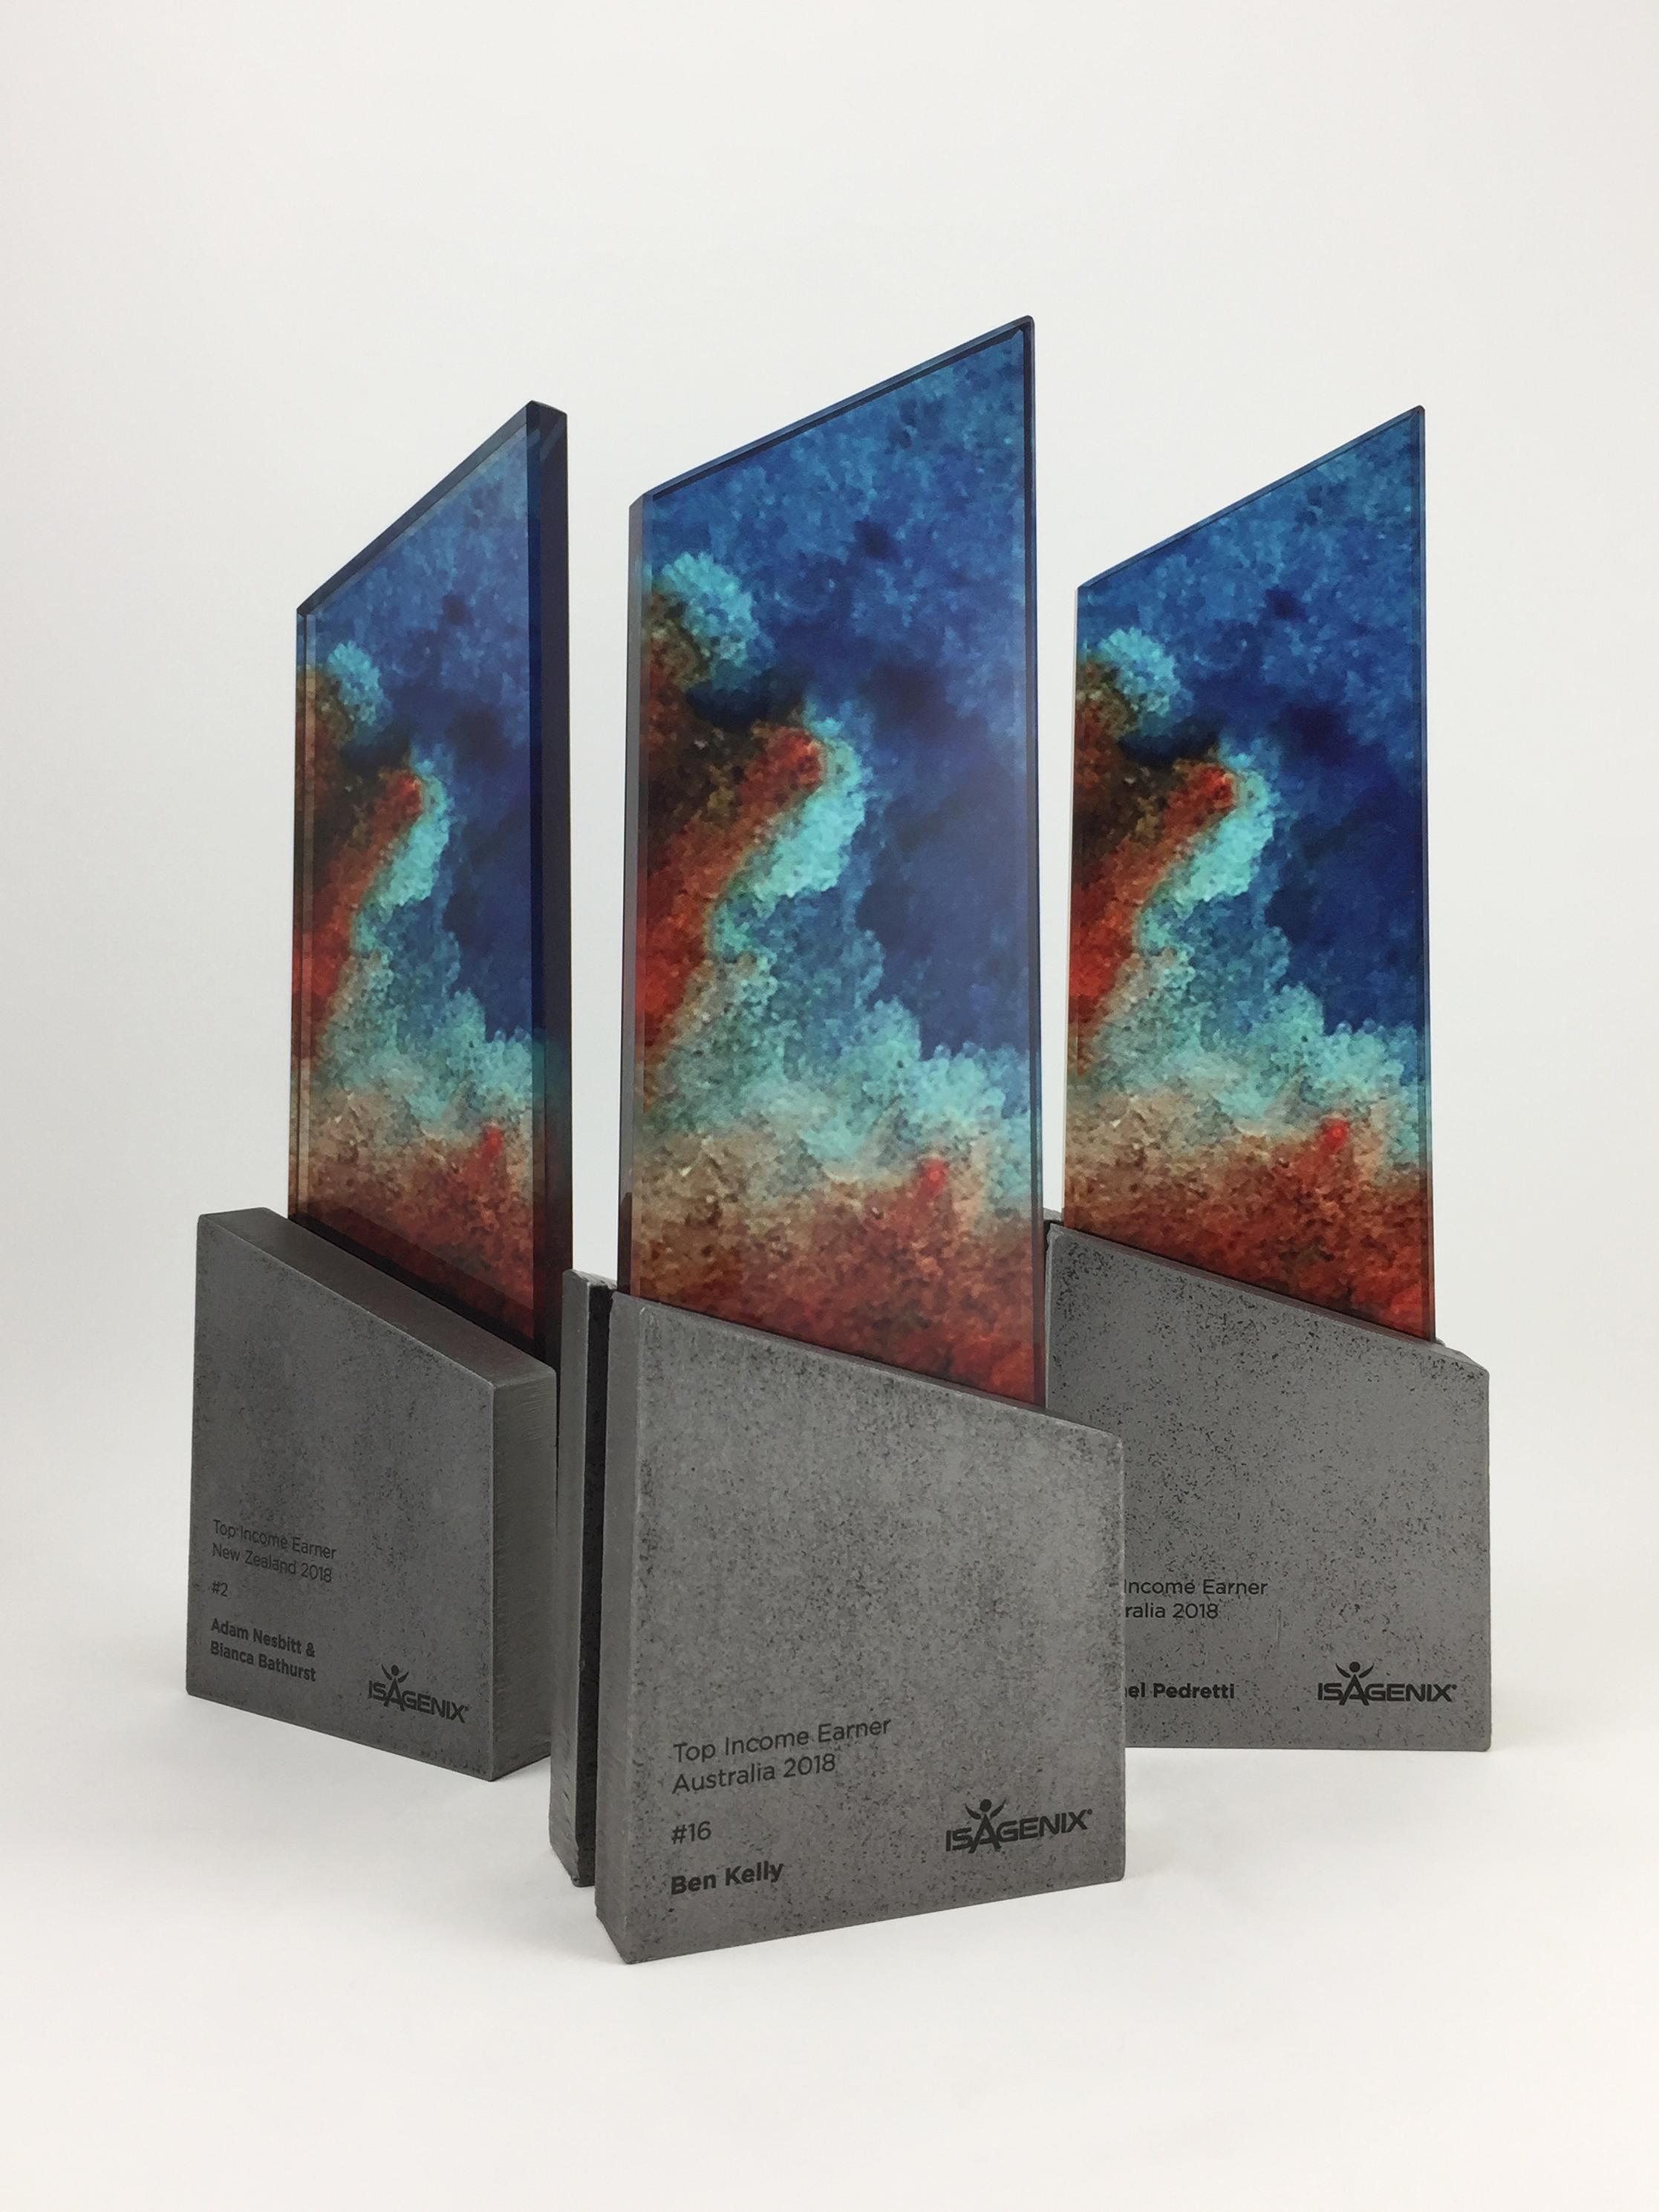 isagenix-income-earner-metal-glass-art-trophy-awards-sculpture-03.jpg